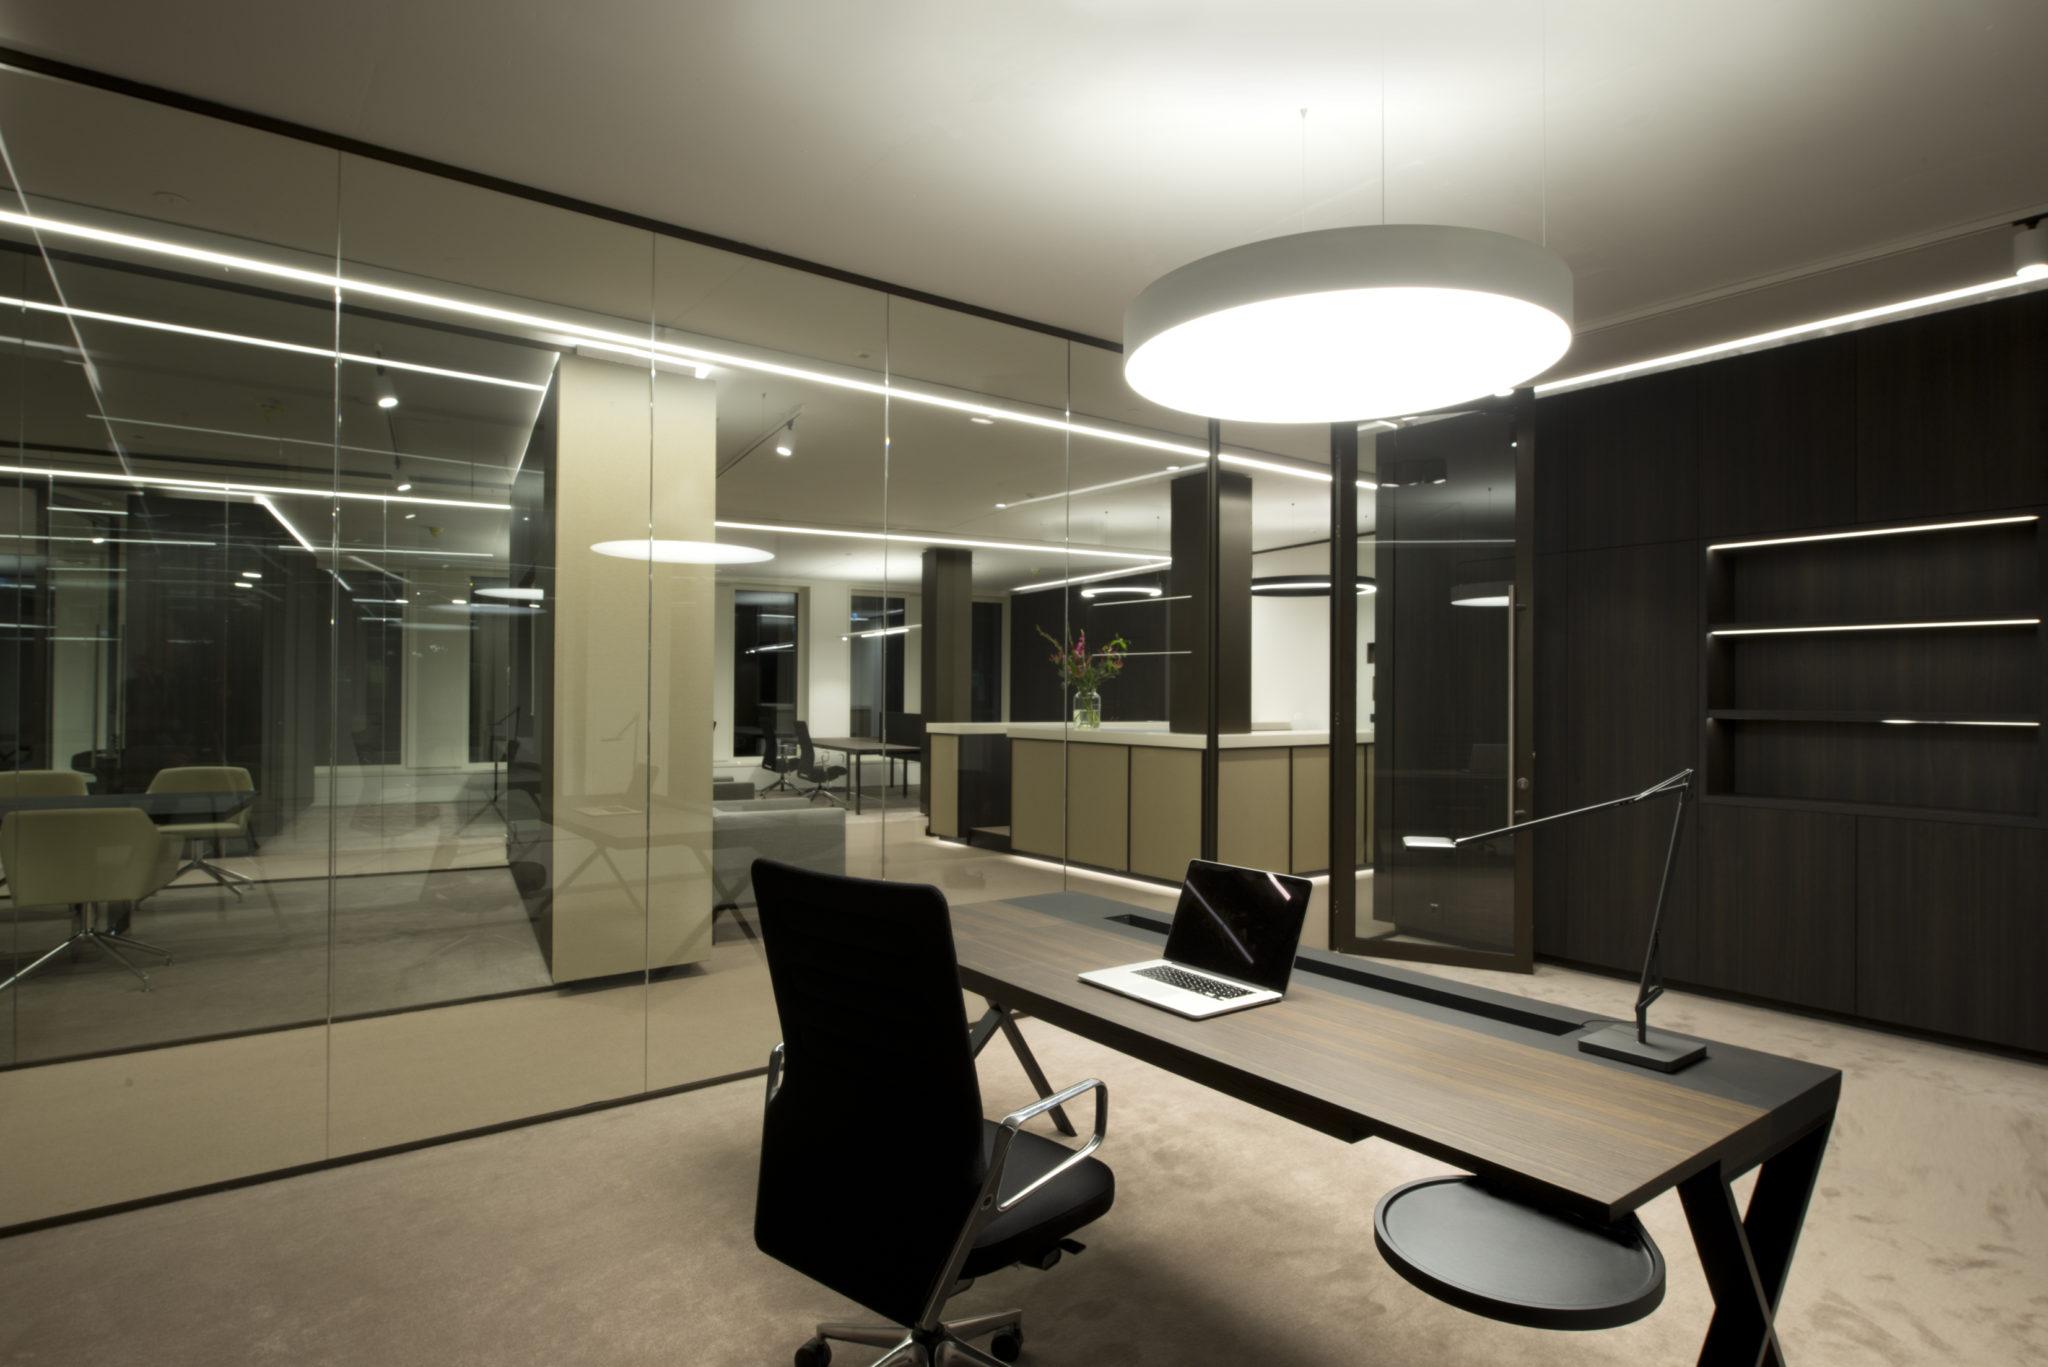 Kantoor interieur ontwerp kantoor oudezijds voorburgwal u2013 justus tjebbo kantoor - Decoratie ontwerp kantoor ontwerp ...